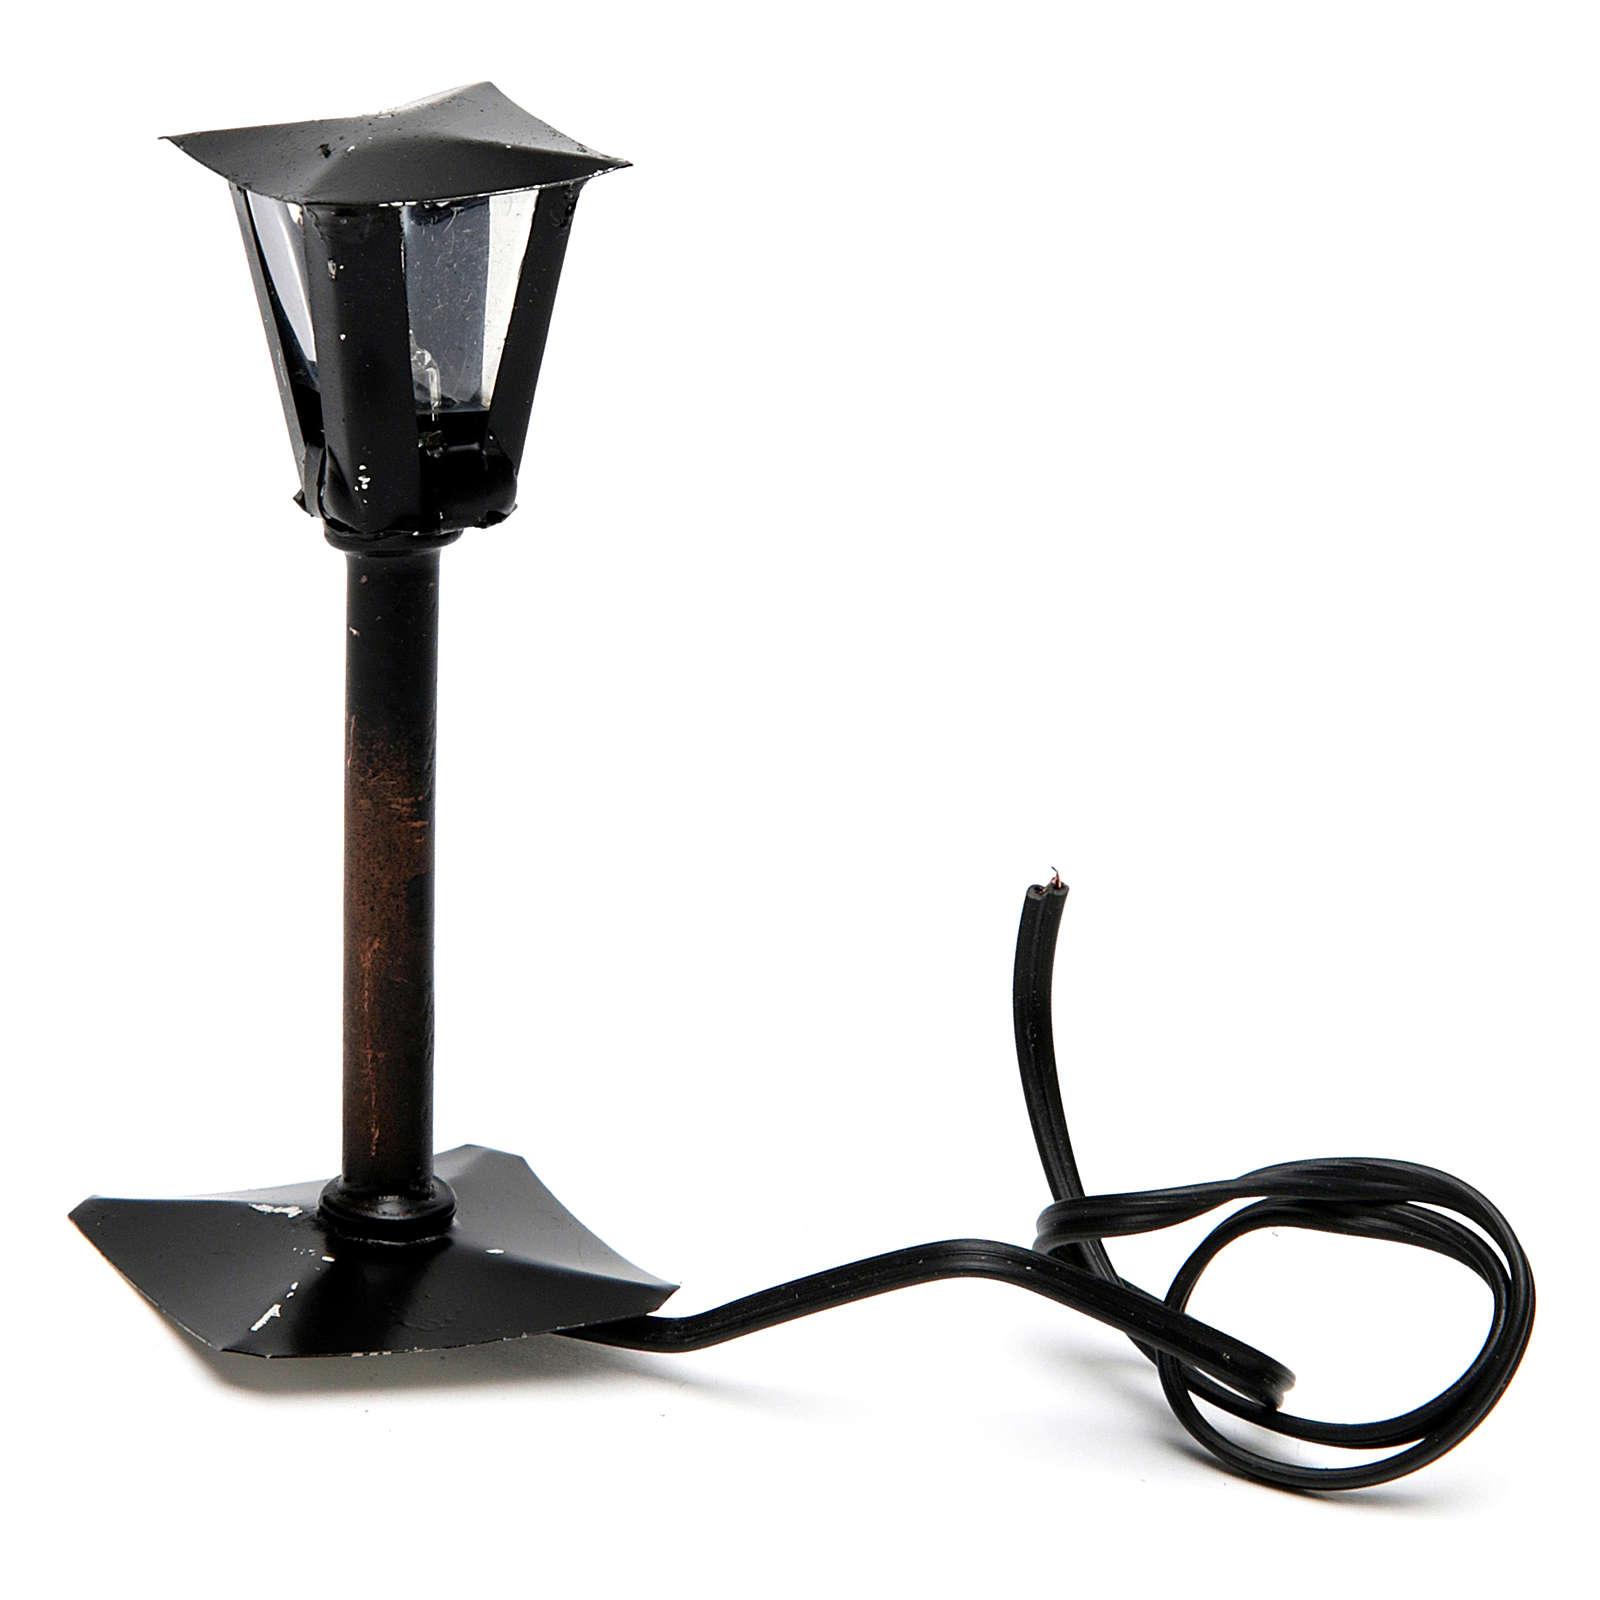 Lampione da strada con lanterna presepe fai da te 8 cm - 12V 4